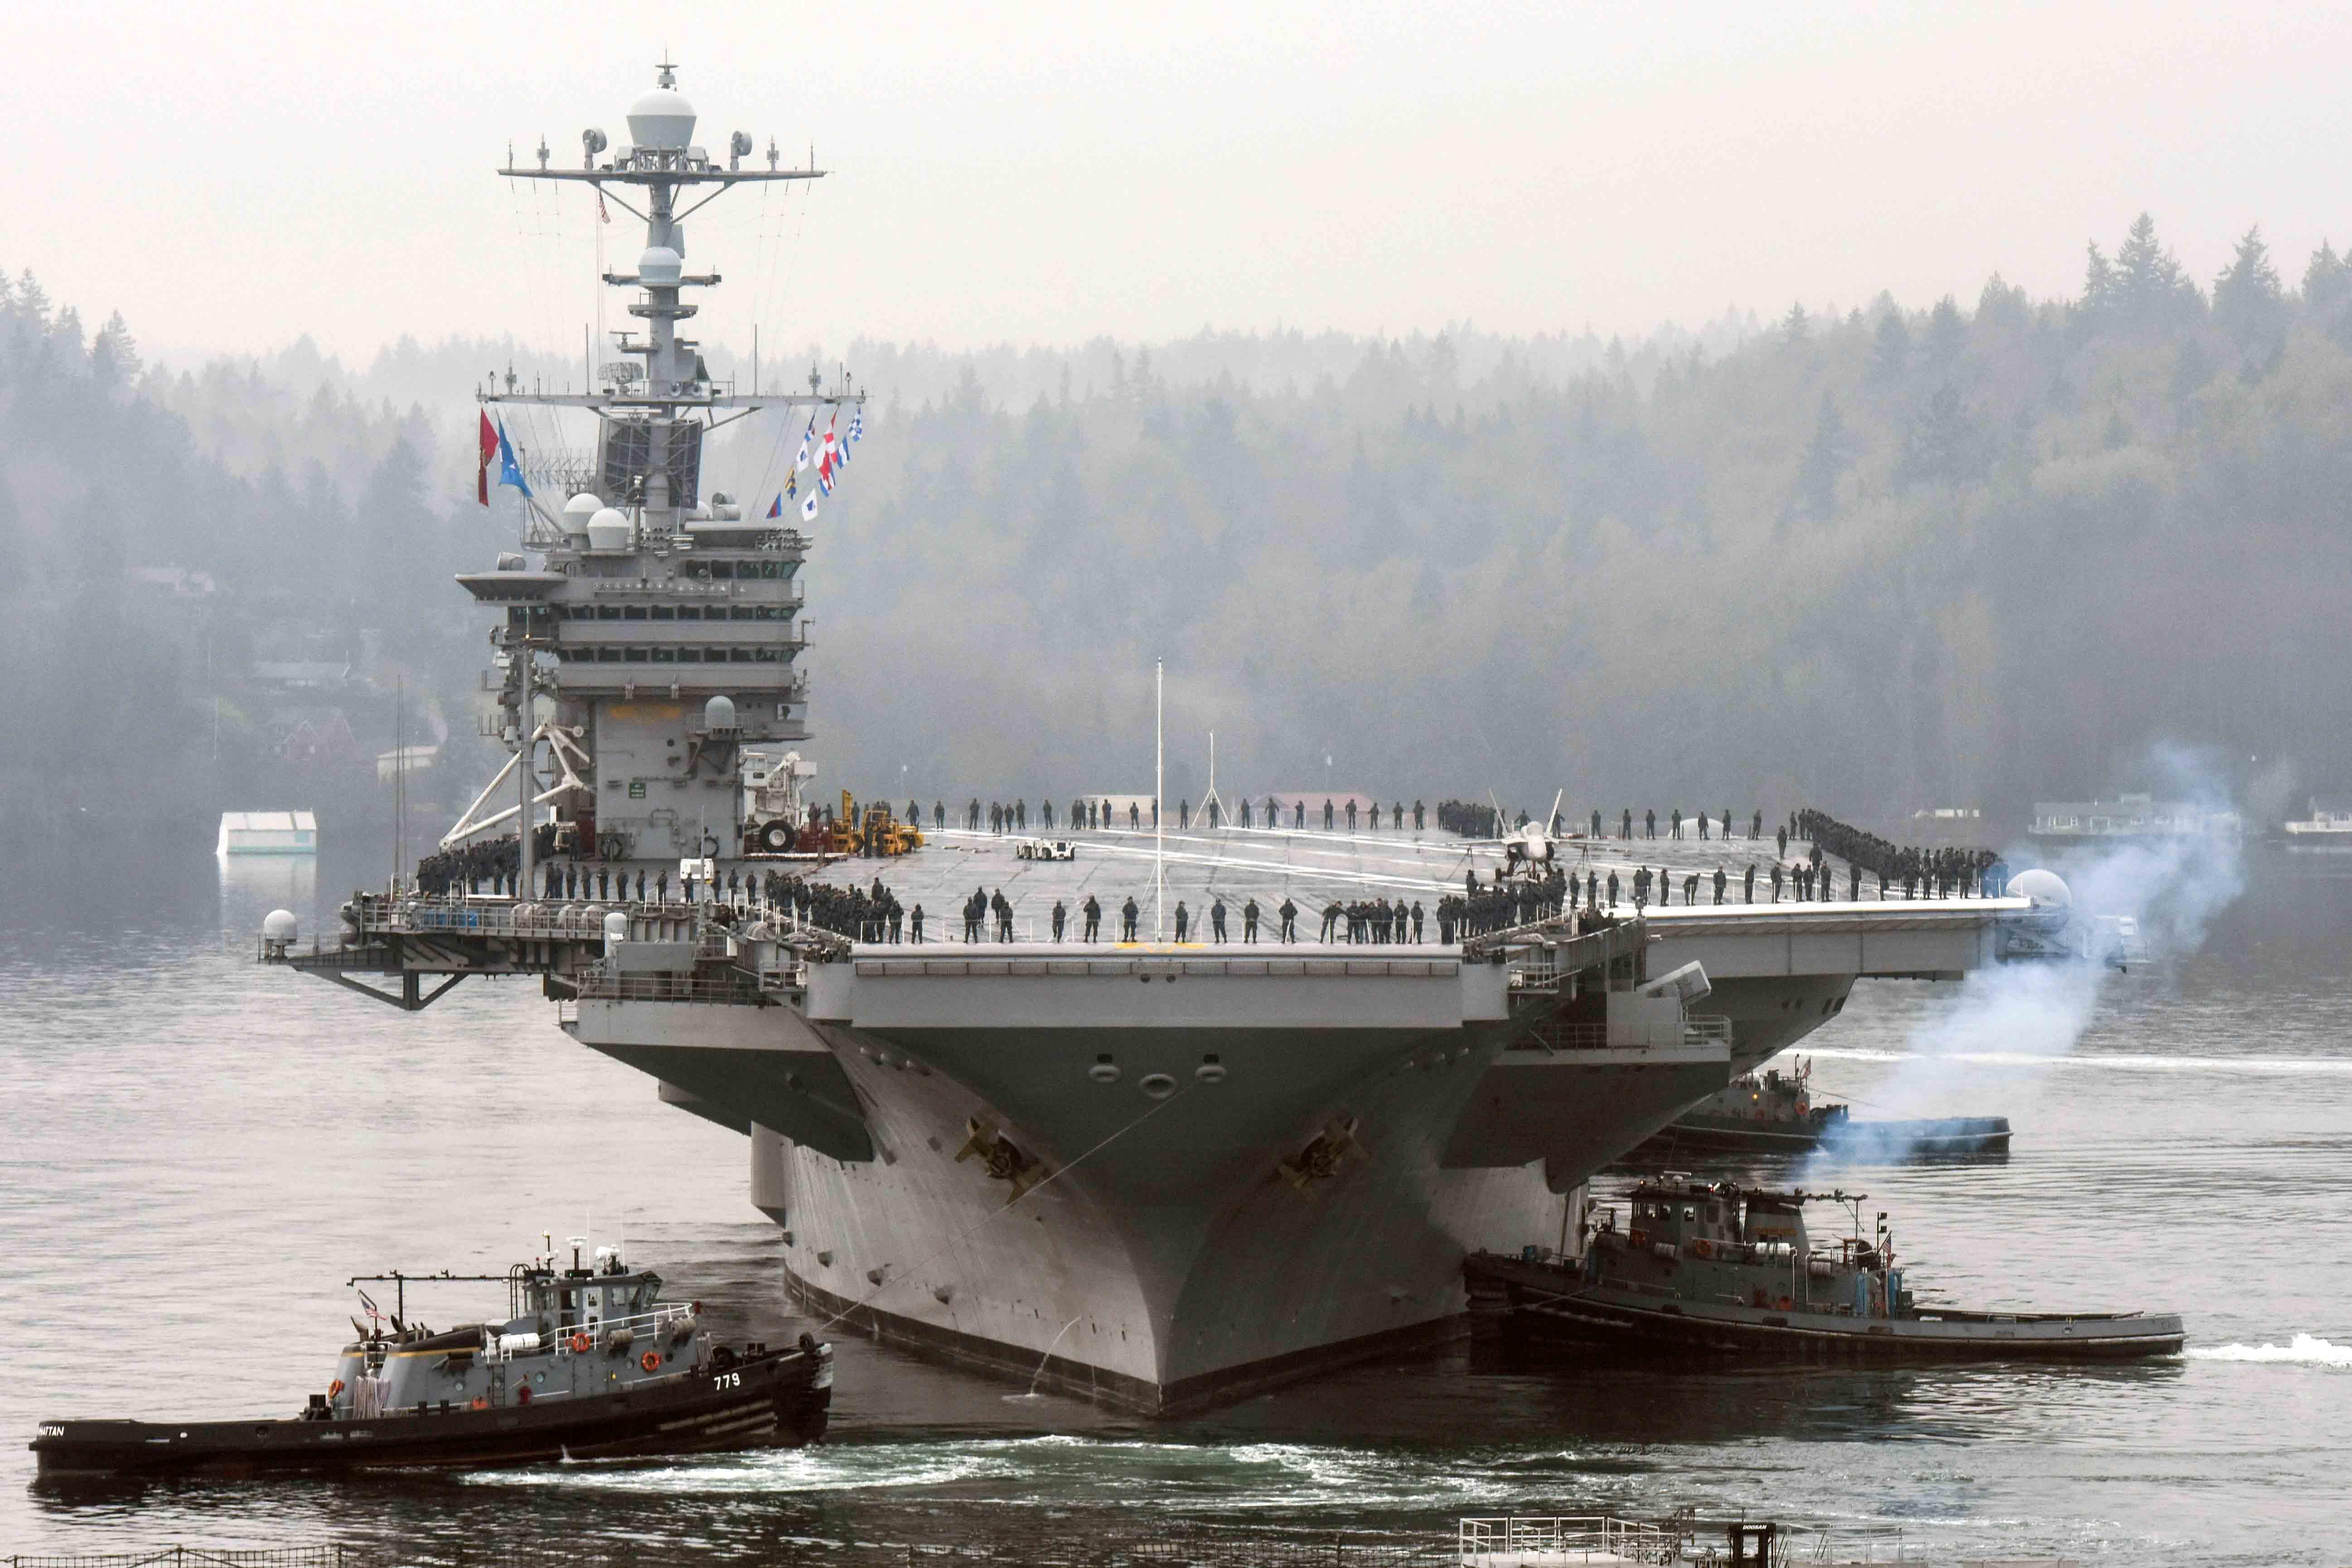 USS JOHN C. STENNIS CVN-74 Auslaufen Bremerton am 15.01.2016 Bild: U.S. Navy